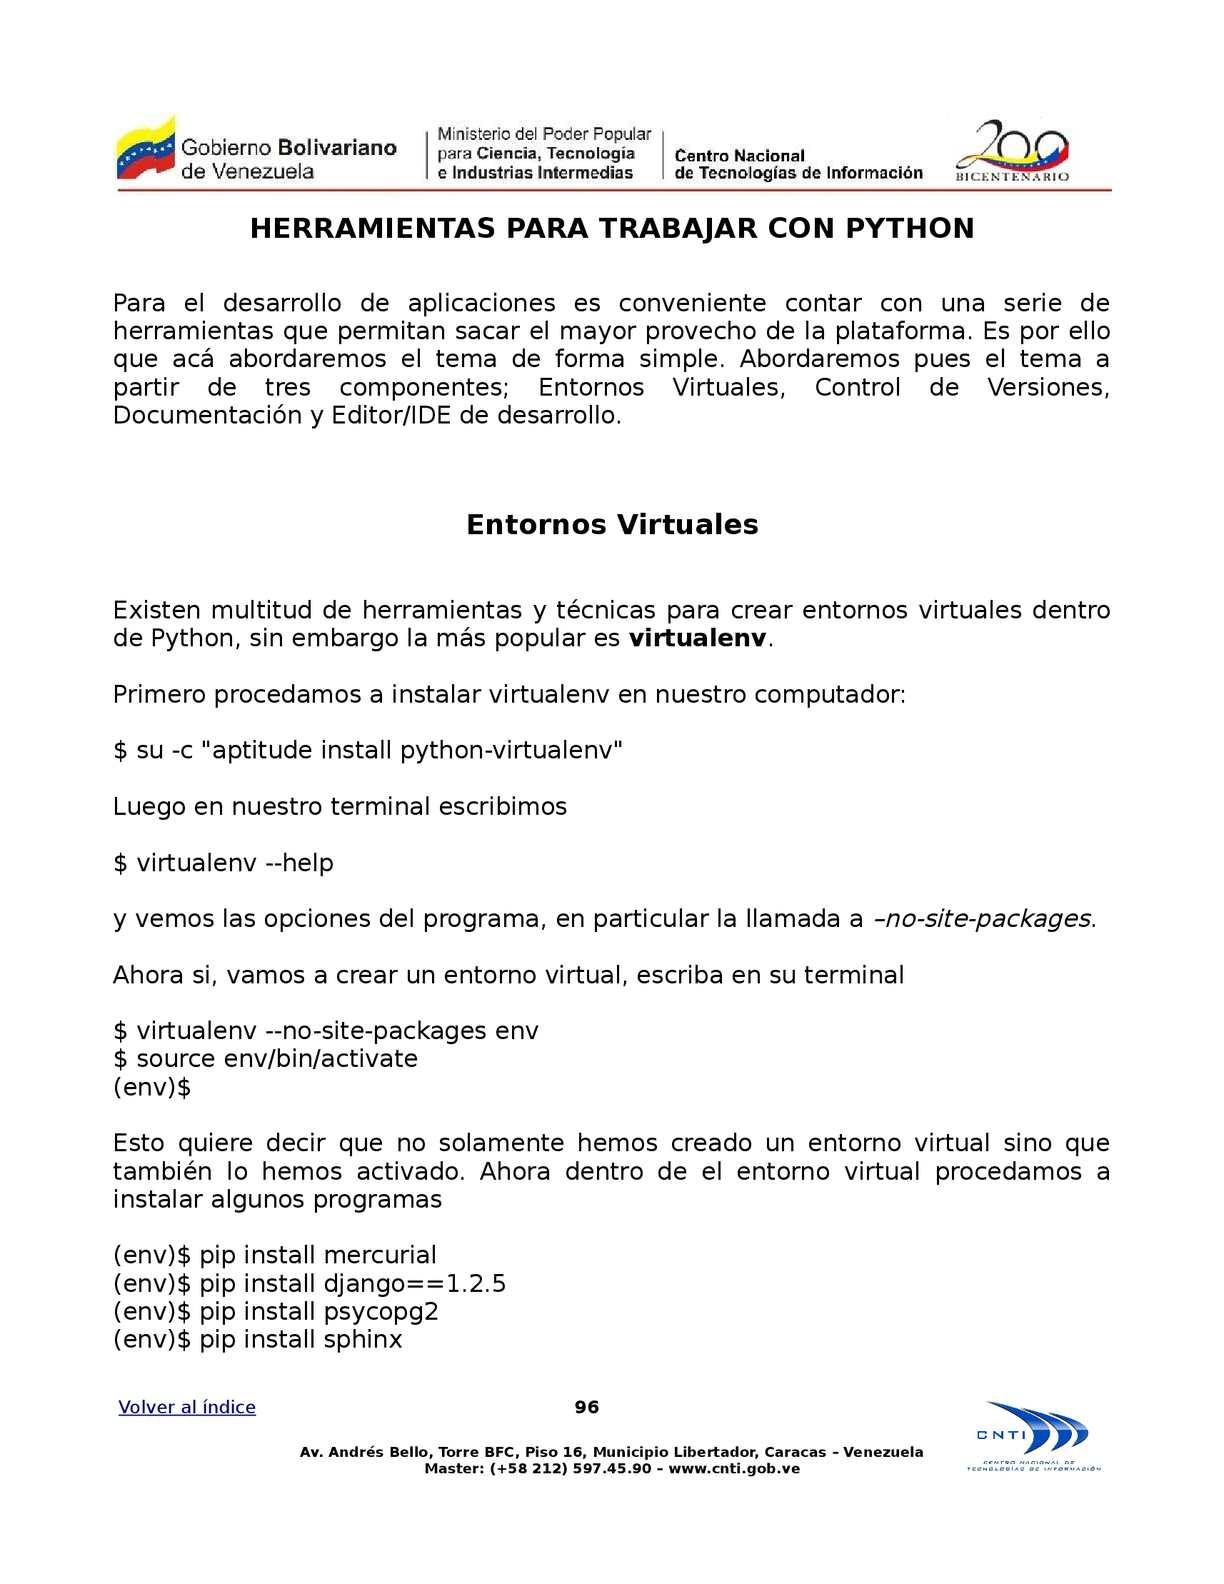 Curso de PostgreSQL y Python - CALAMEO Downloader